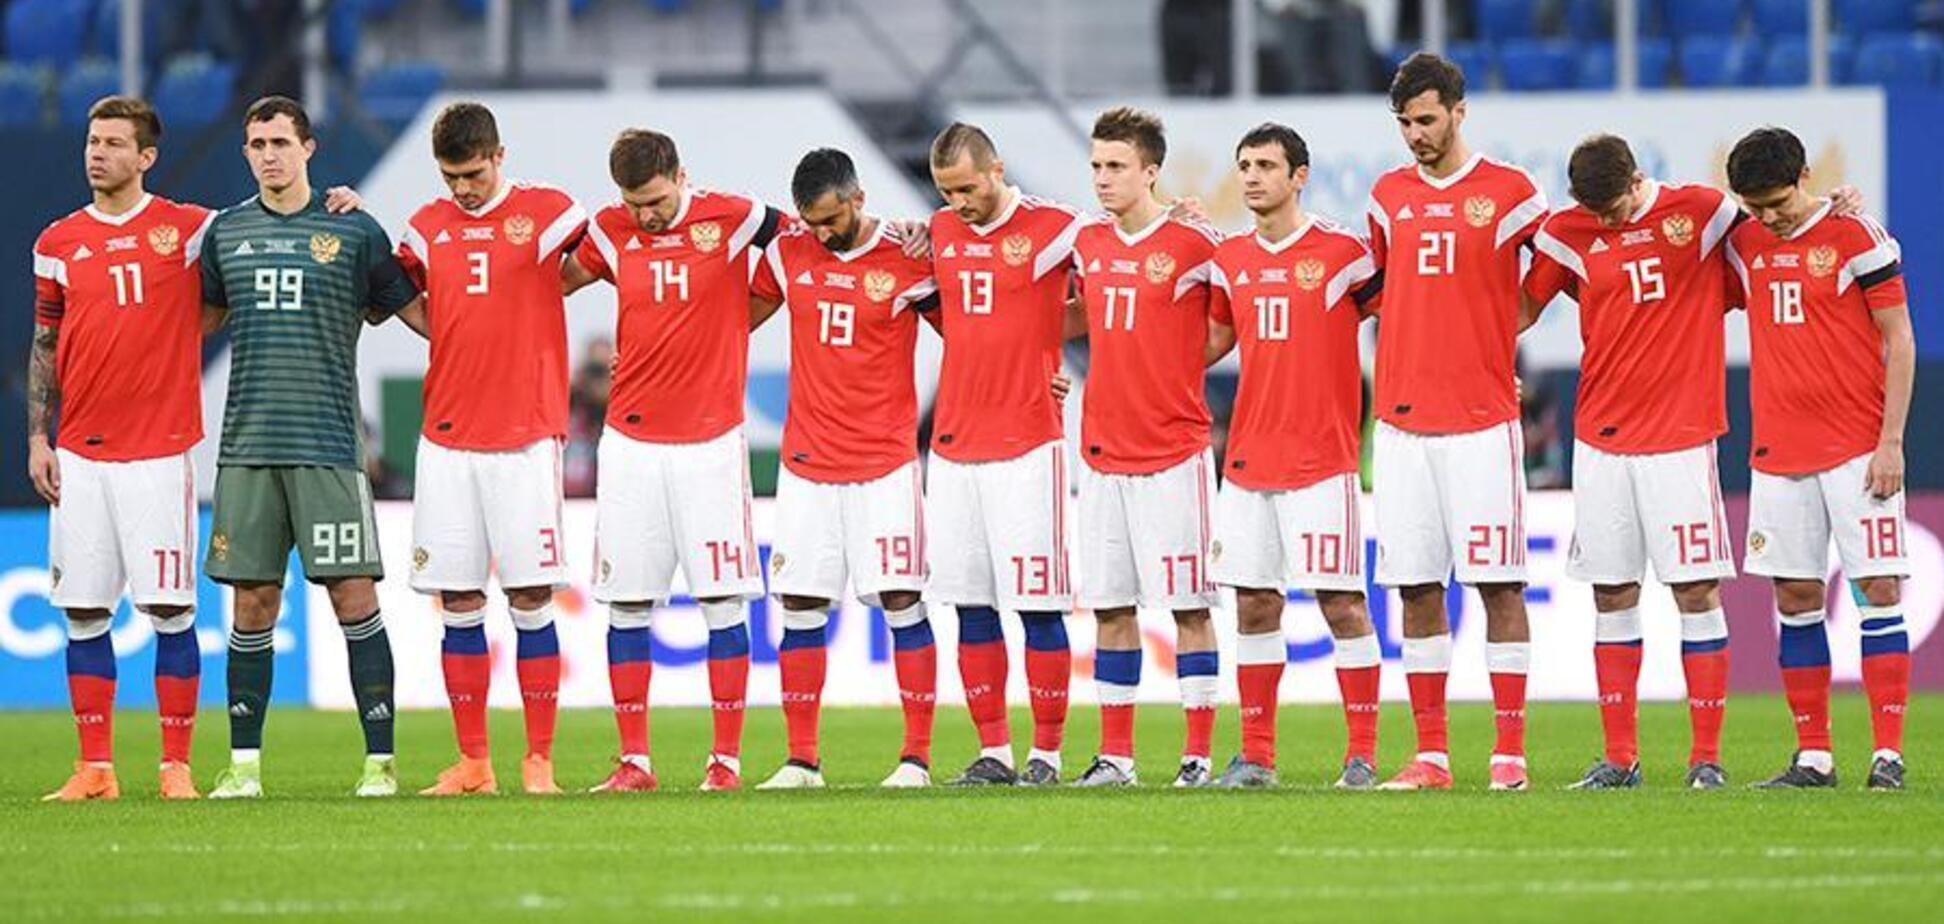 Рішення ФІФА: названа 'шпарина' для участі Росії в ЧС-2022 з футболу